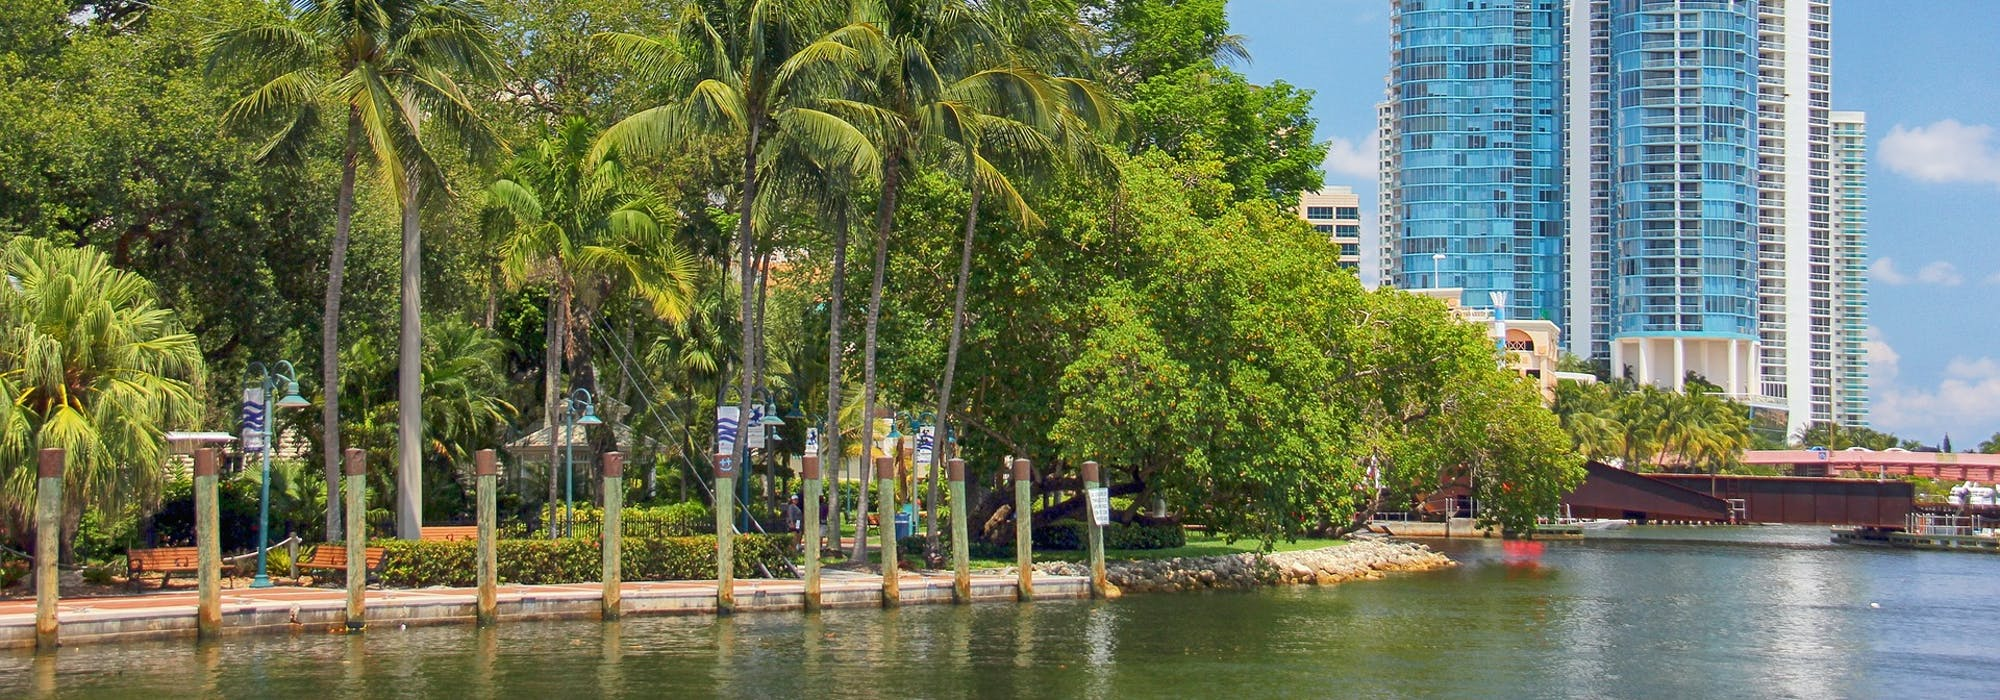 Fort Lauderdale med havet i nedkant, palmer och ett vitt och blått höghus till höger i bild.